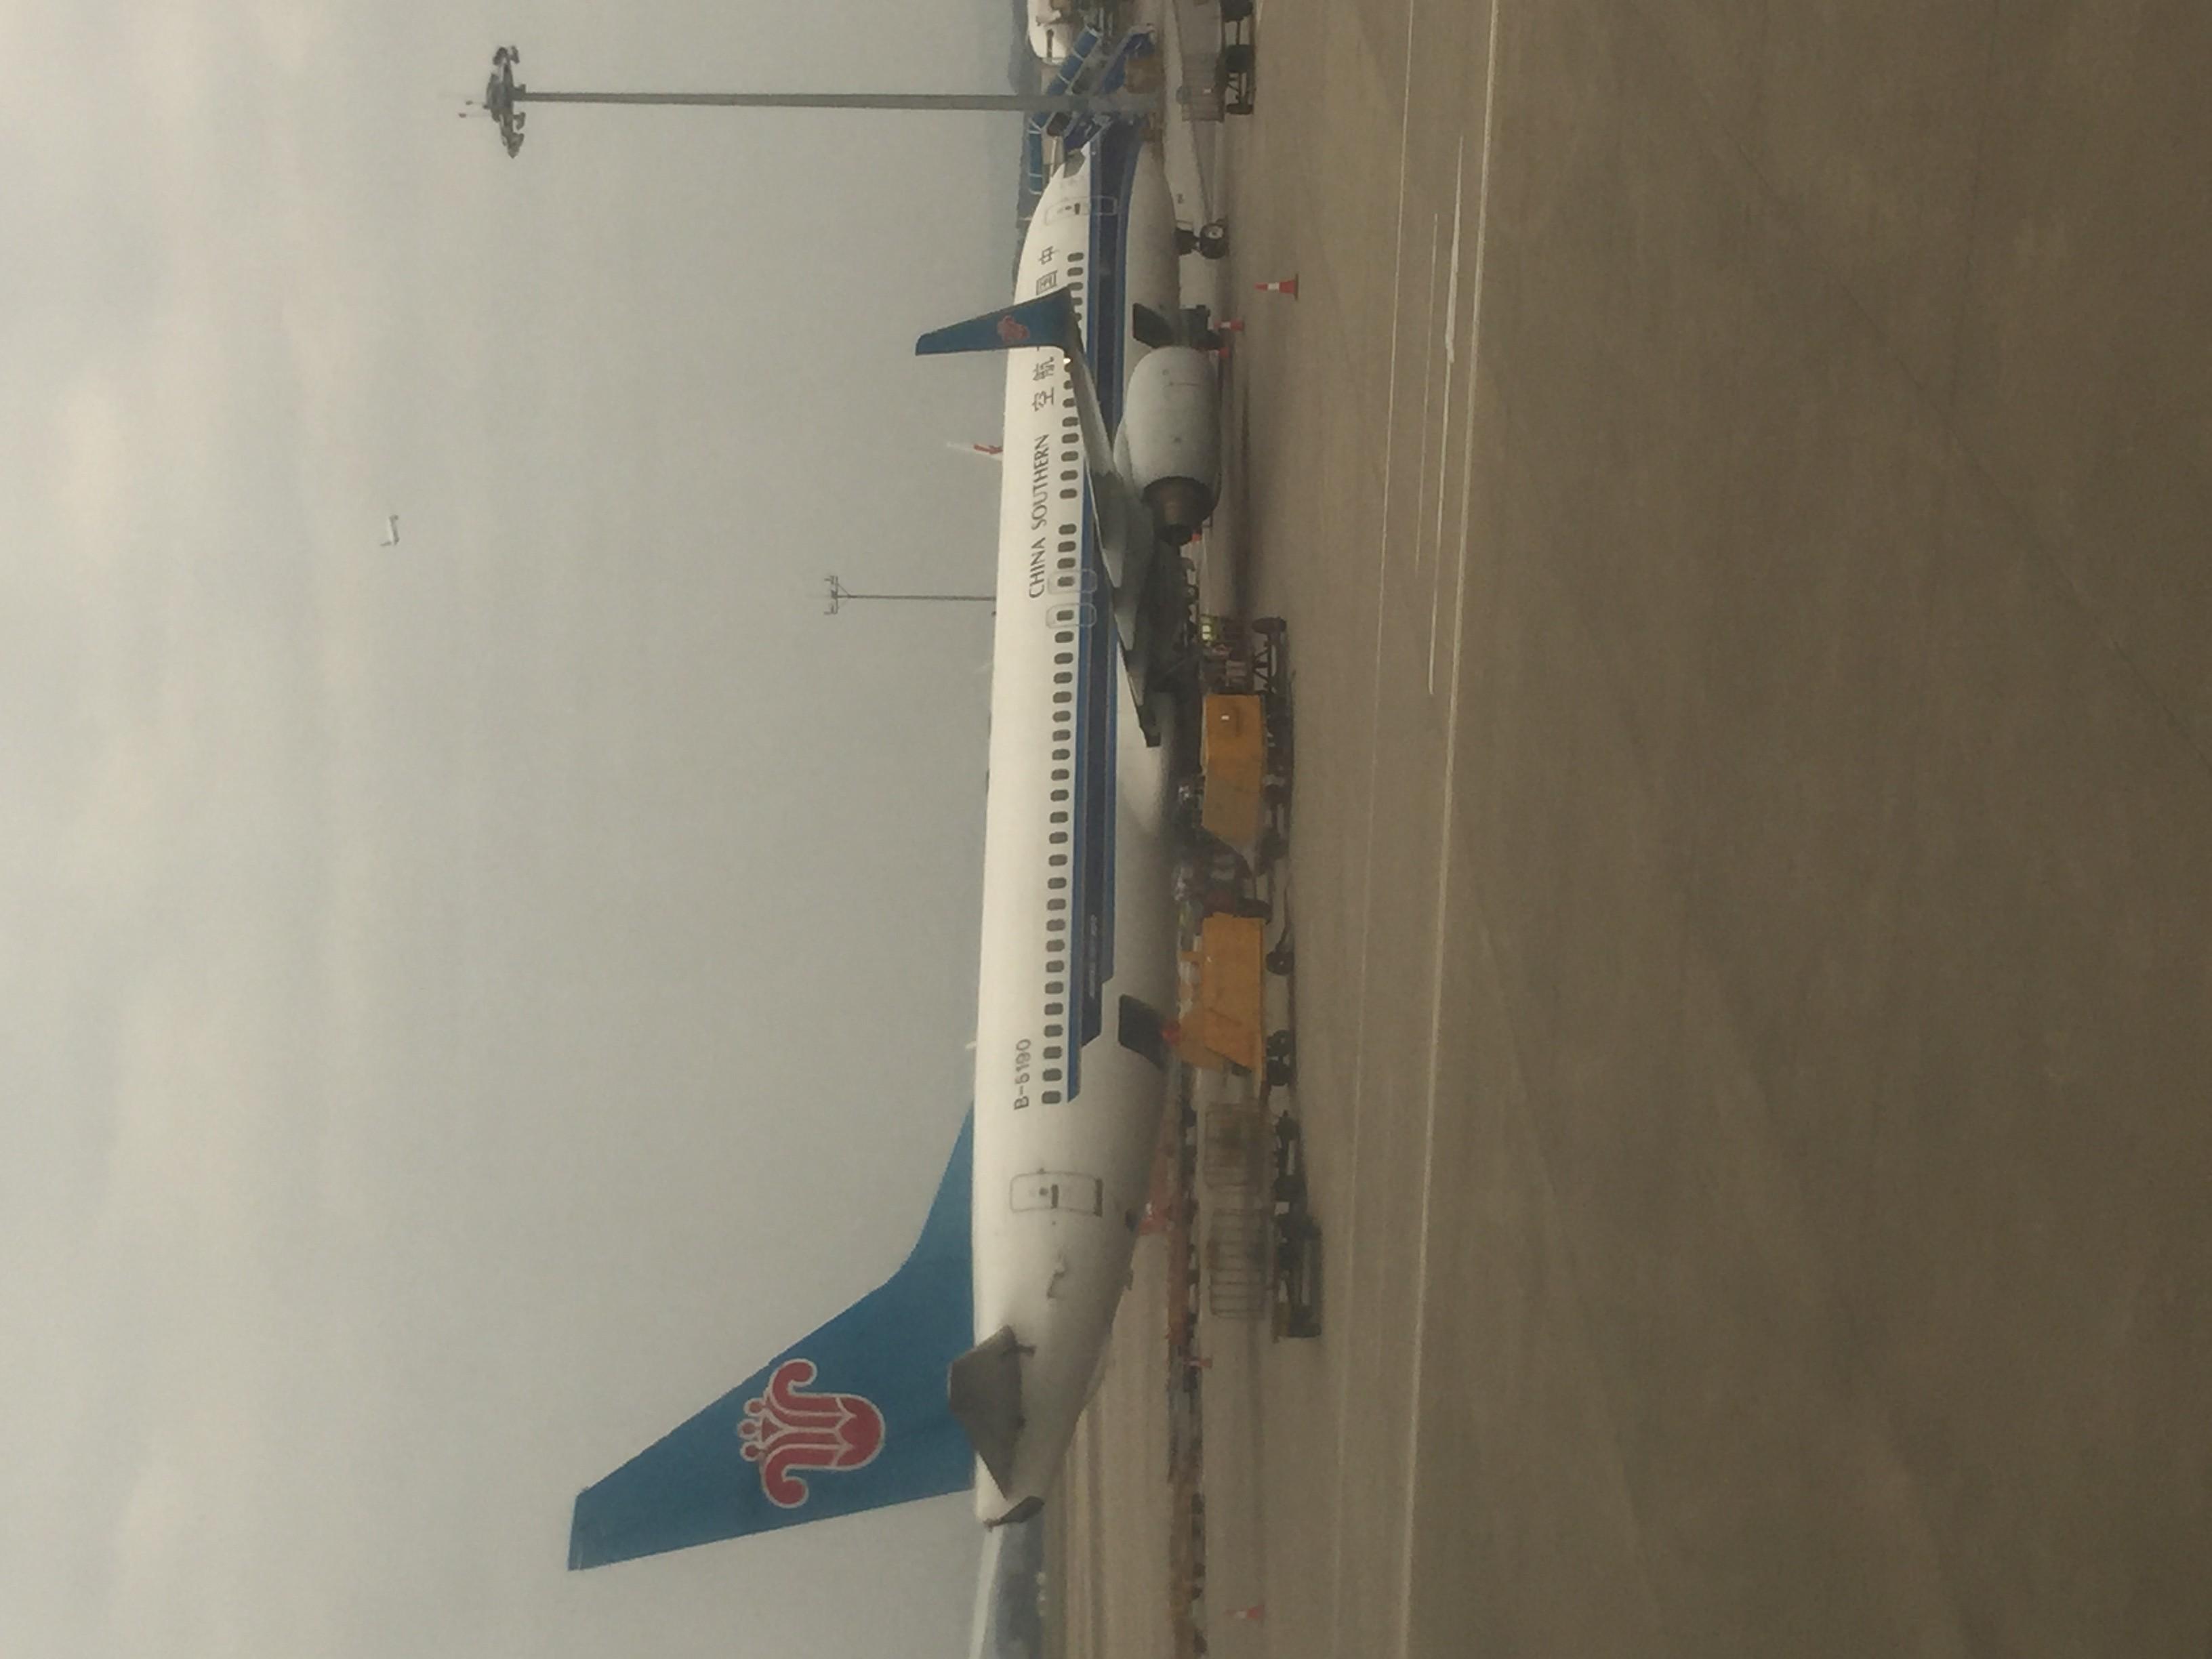 Re:[原创]「BoKer的飞行游记」新人首次发帖 中国东方航空 广州-台州 BOEING 737-800 B-5190 中国广州白云国际机场